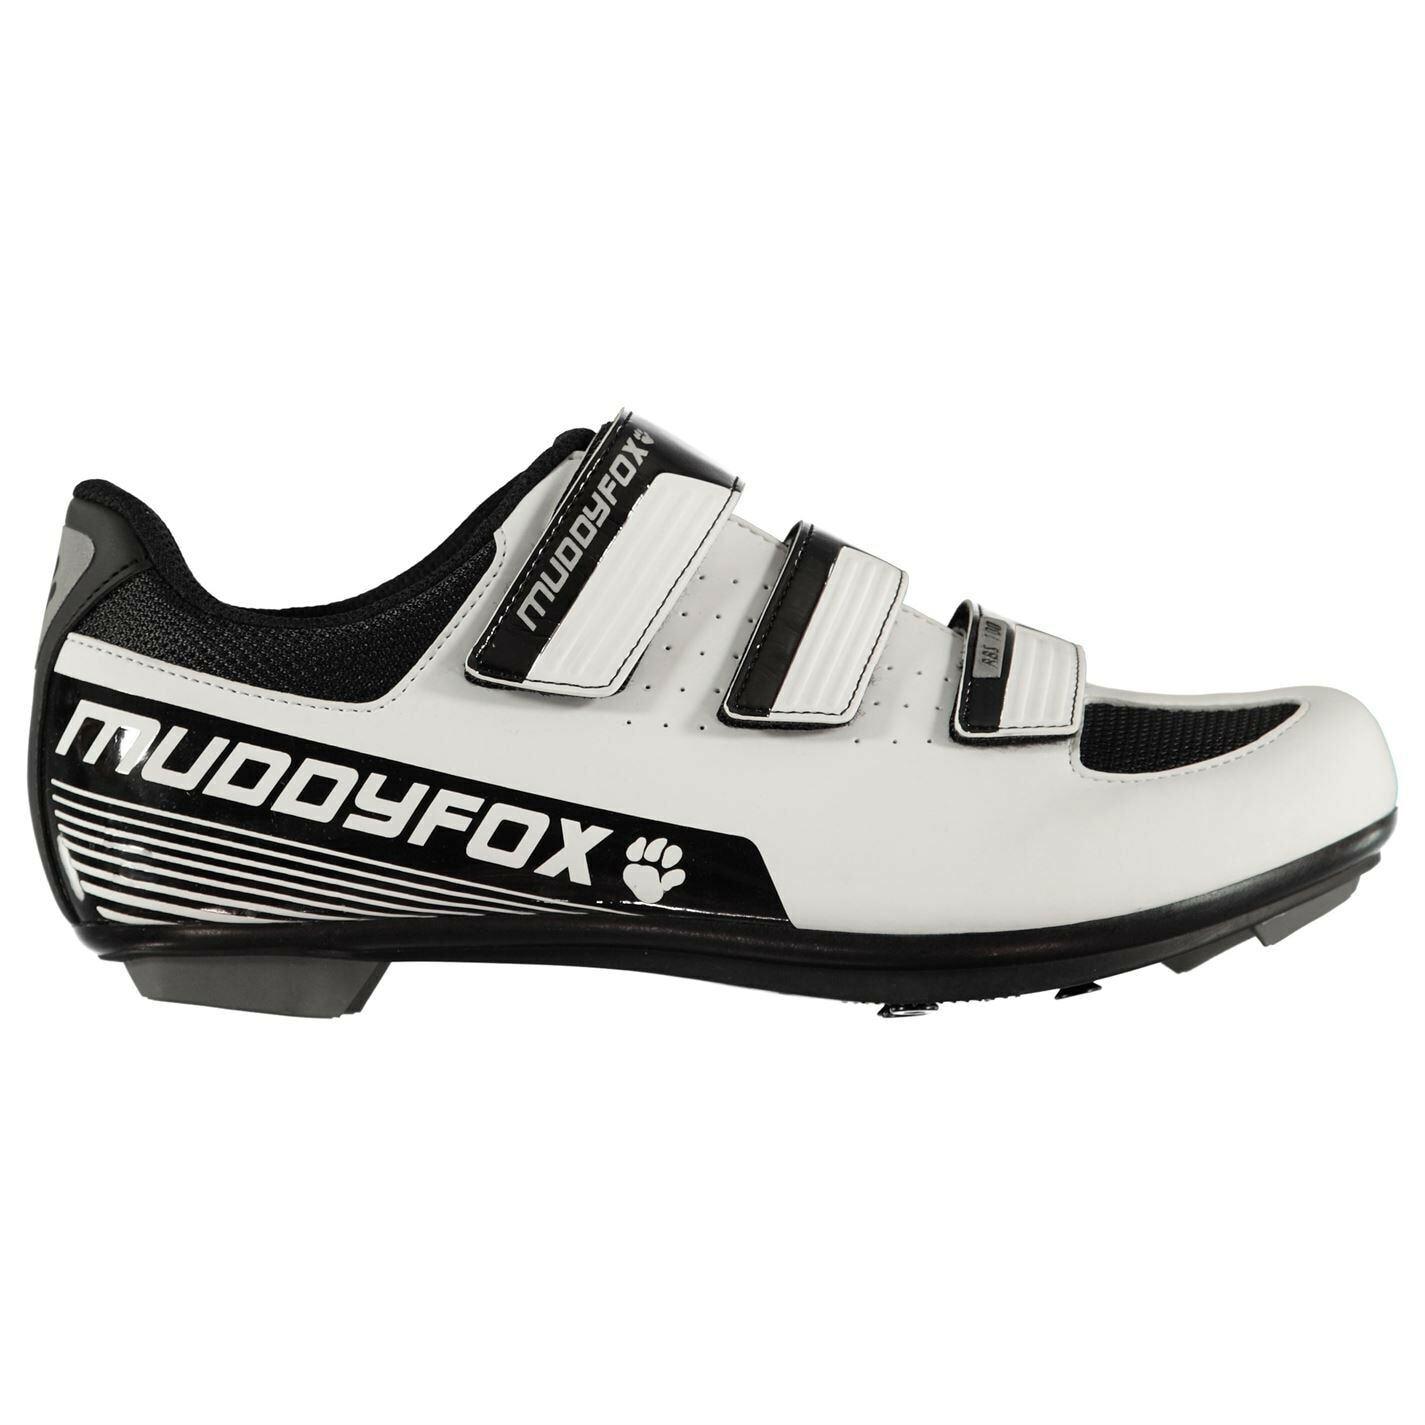 Muddyfox Womens Tri100 Ladies Cycling